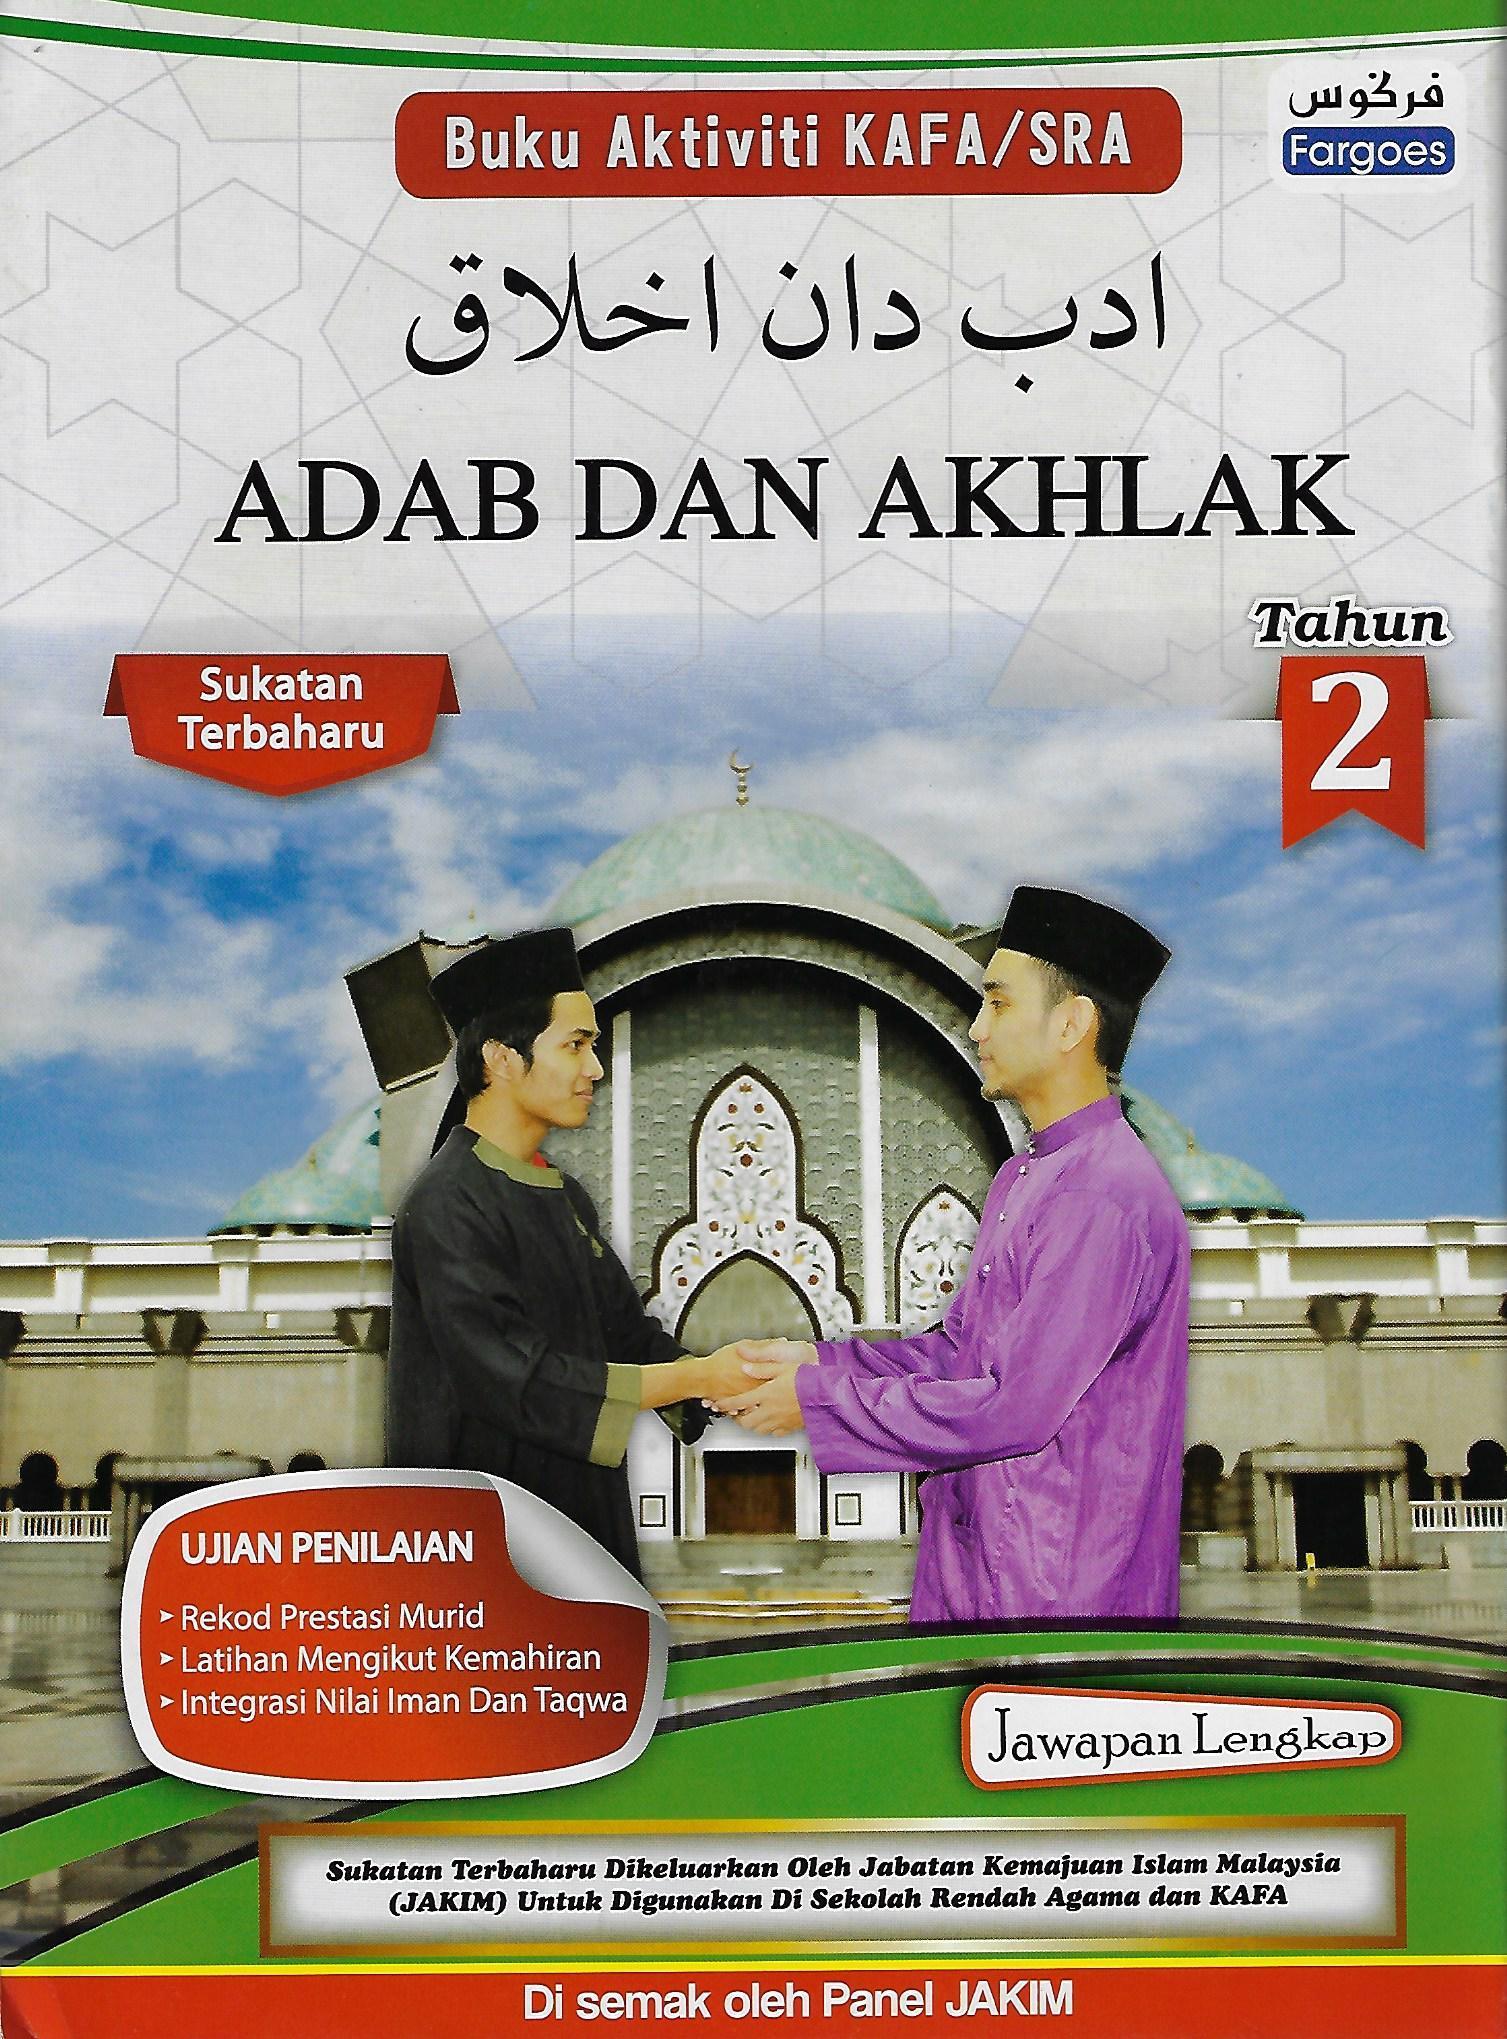 Upkk Buku Aktiviti Kafa Sra Adab Akhlak Tahun 2